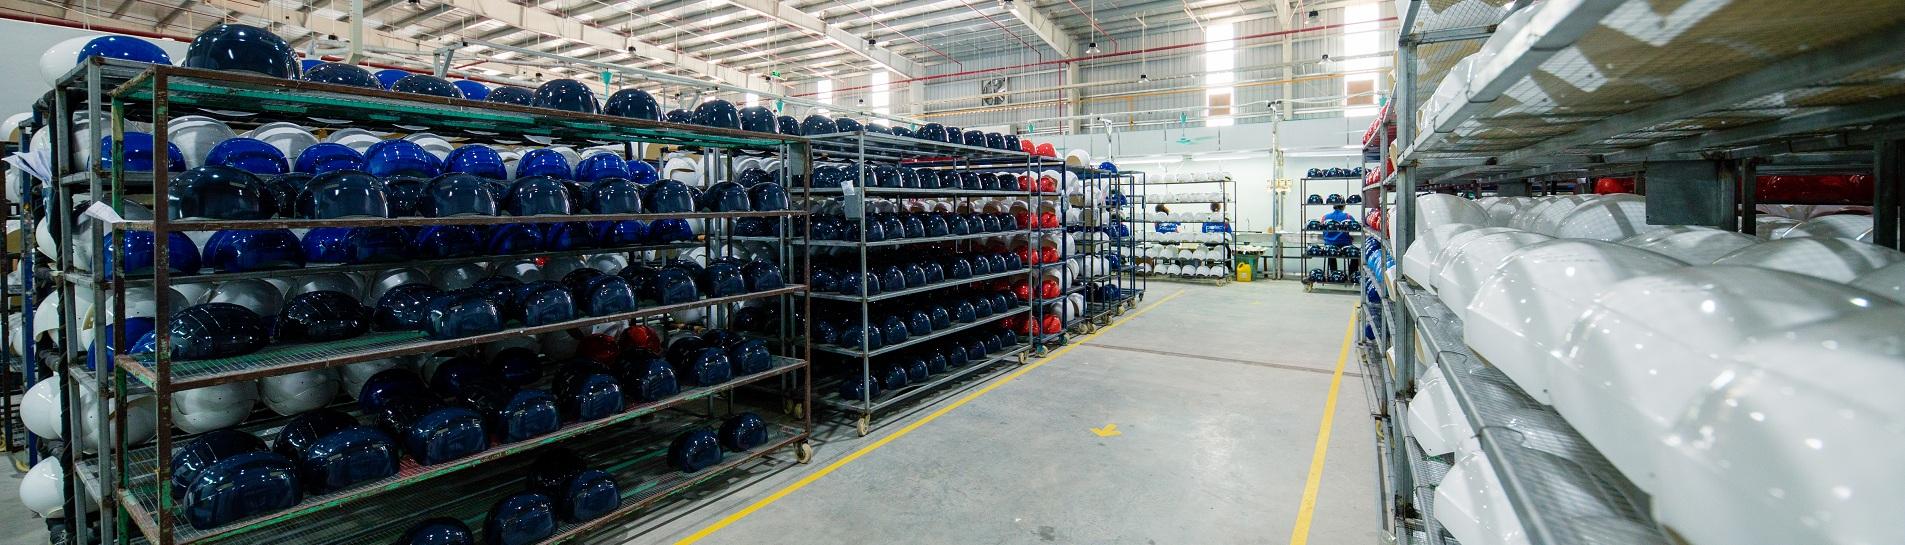 Protec Factory